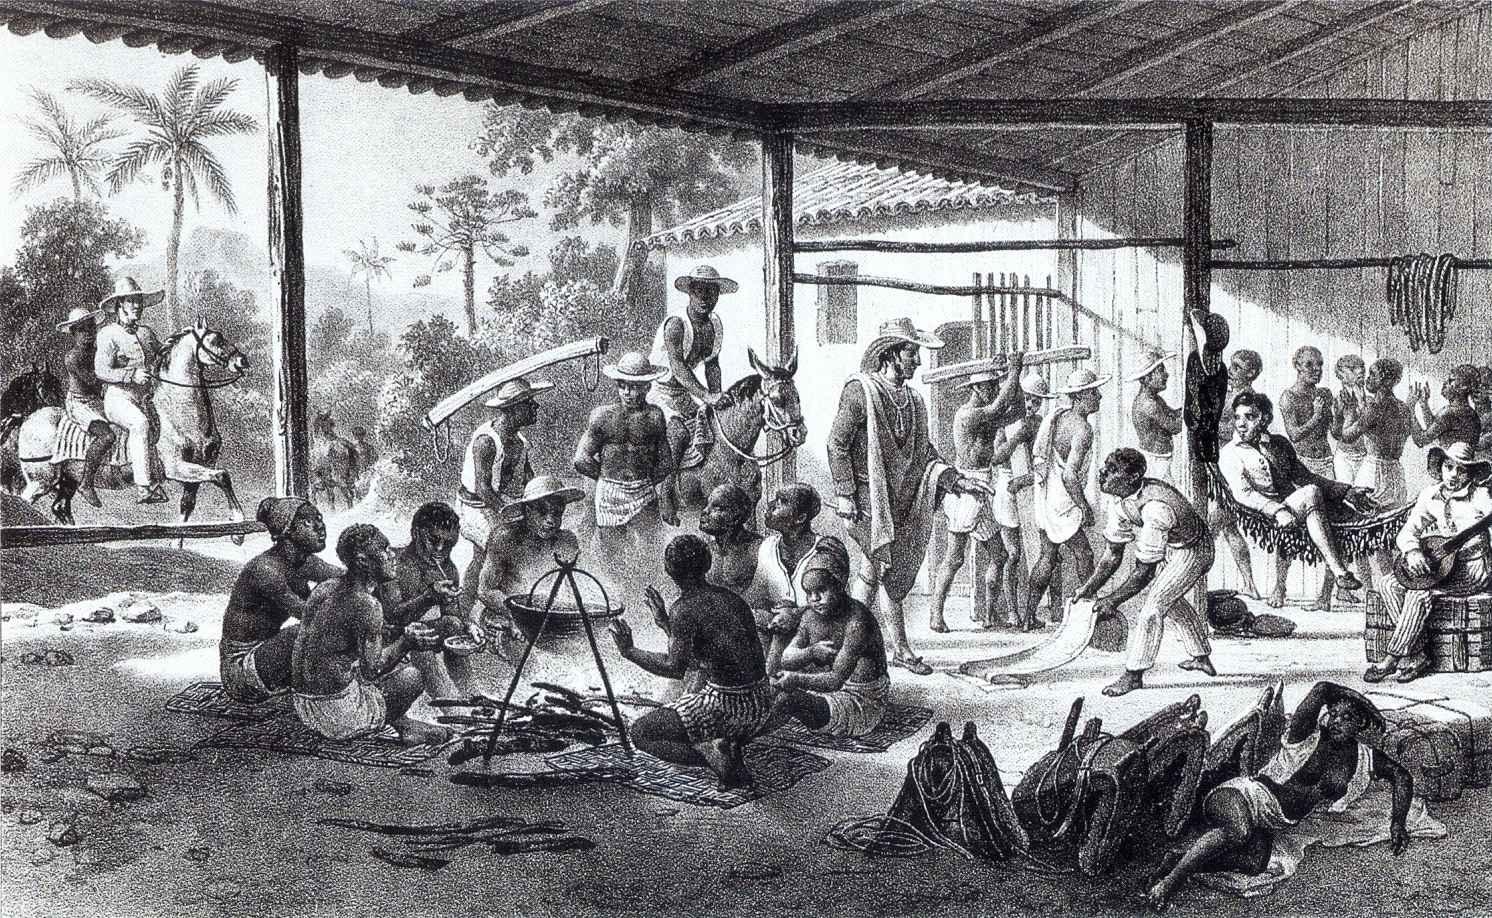 Pintura de Johann Moritz Rugendas retrata escravos em fazenda brasileira, em 1830